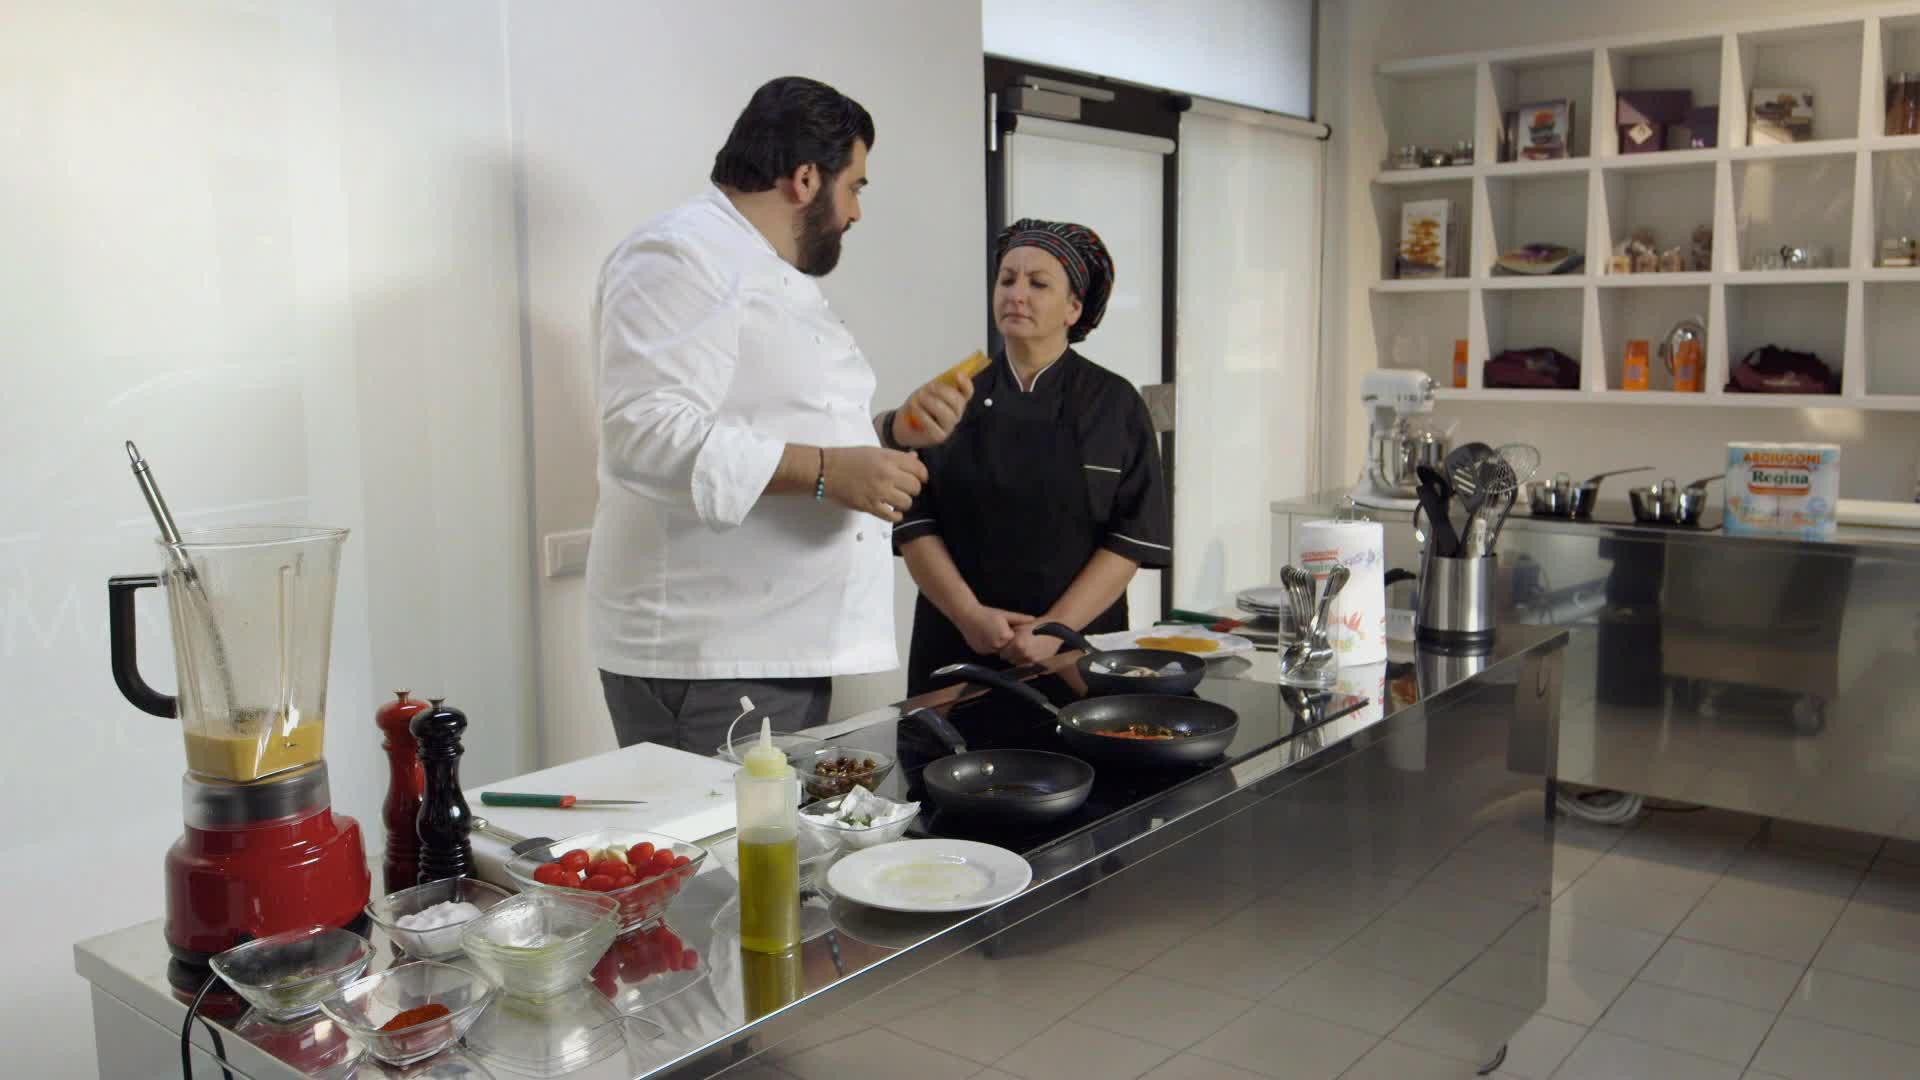 Cucine da incubo italia antonino cannavacciuolo a castiglione delle stiviere con knam dplay - Cucine da incubo italia ...